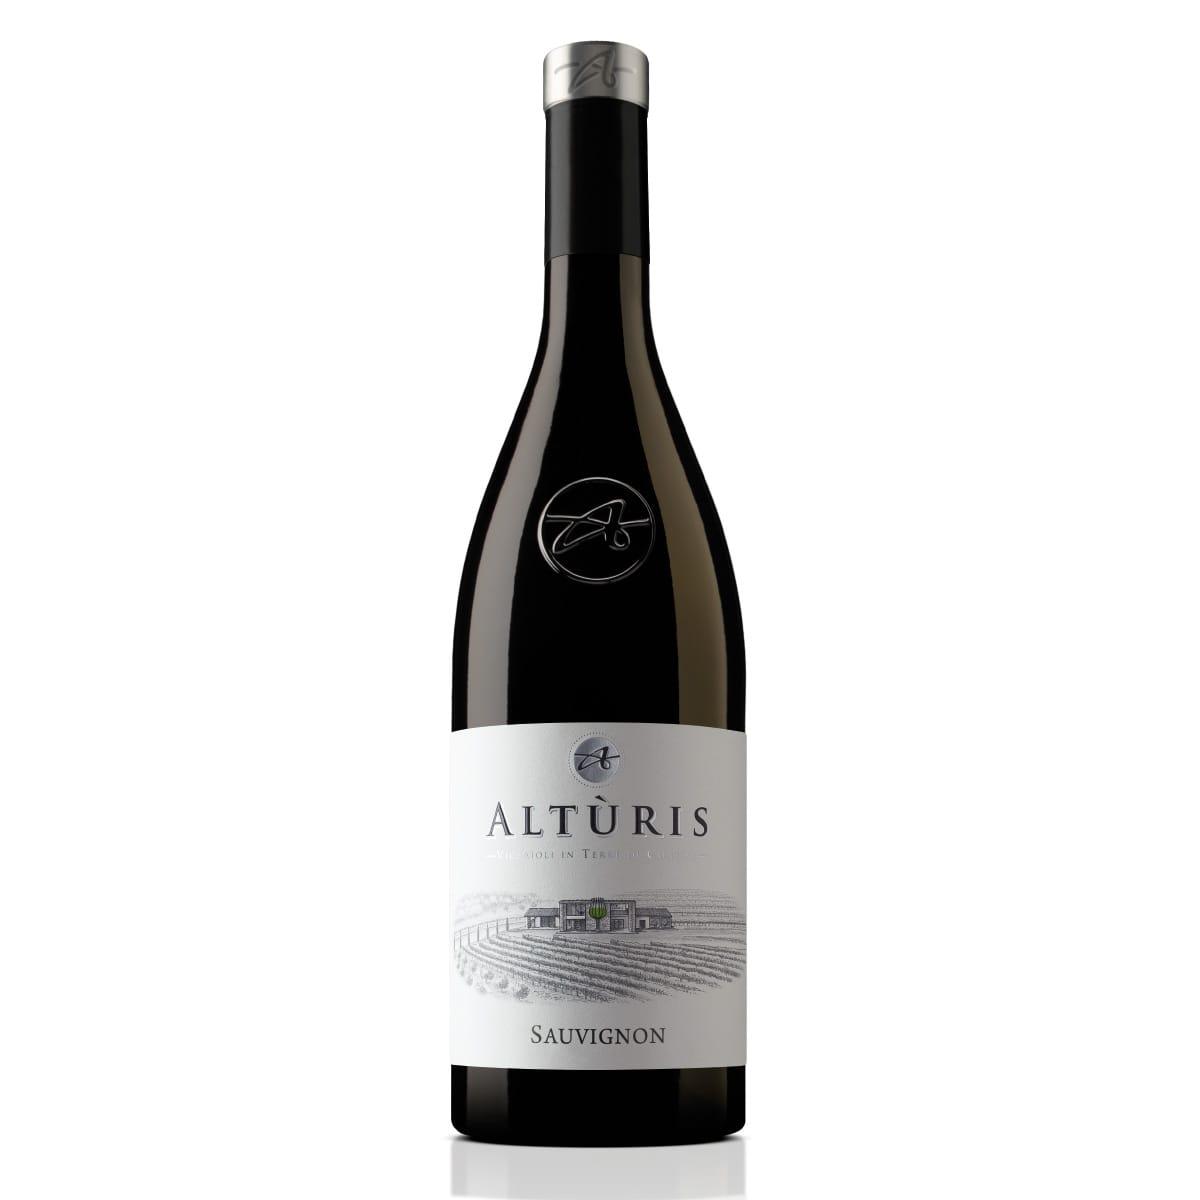 Alturis Sauvignon 1140 scaled